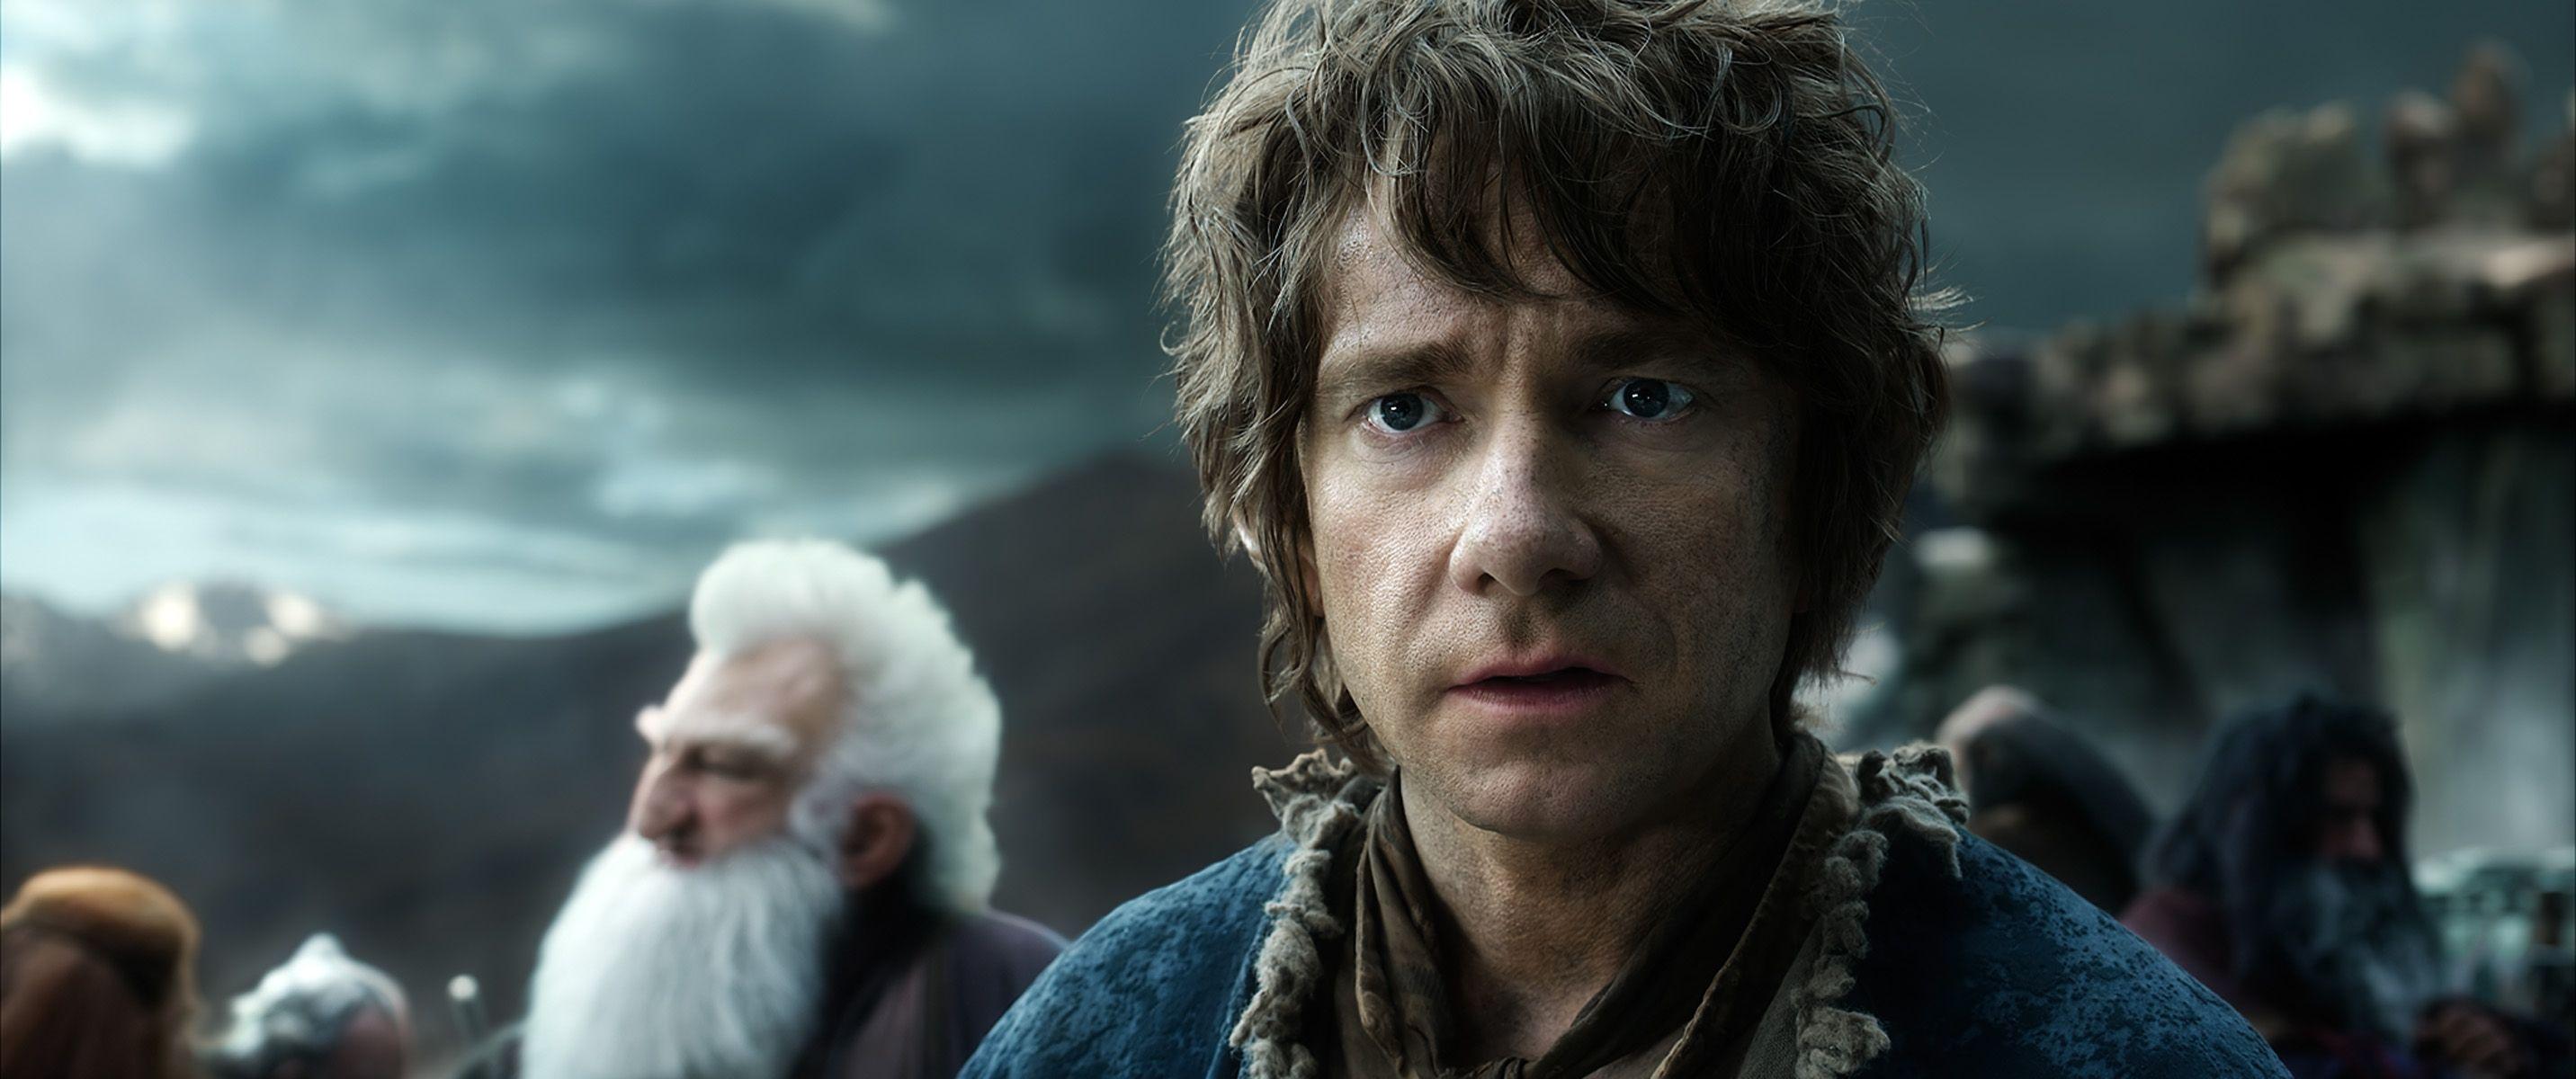 Película El Hobbit: La batalla de los cinco ejércitos - crítica El Hobbit: La batalla de los cinco ejércitos